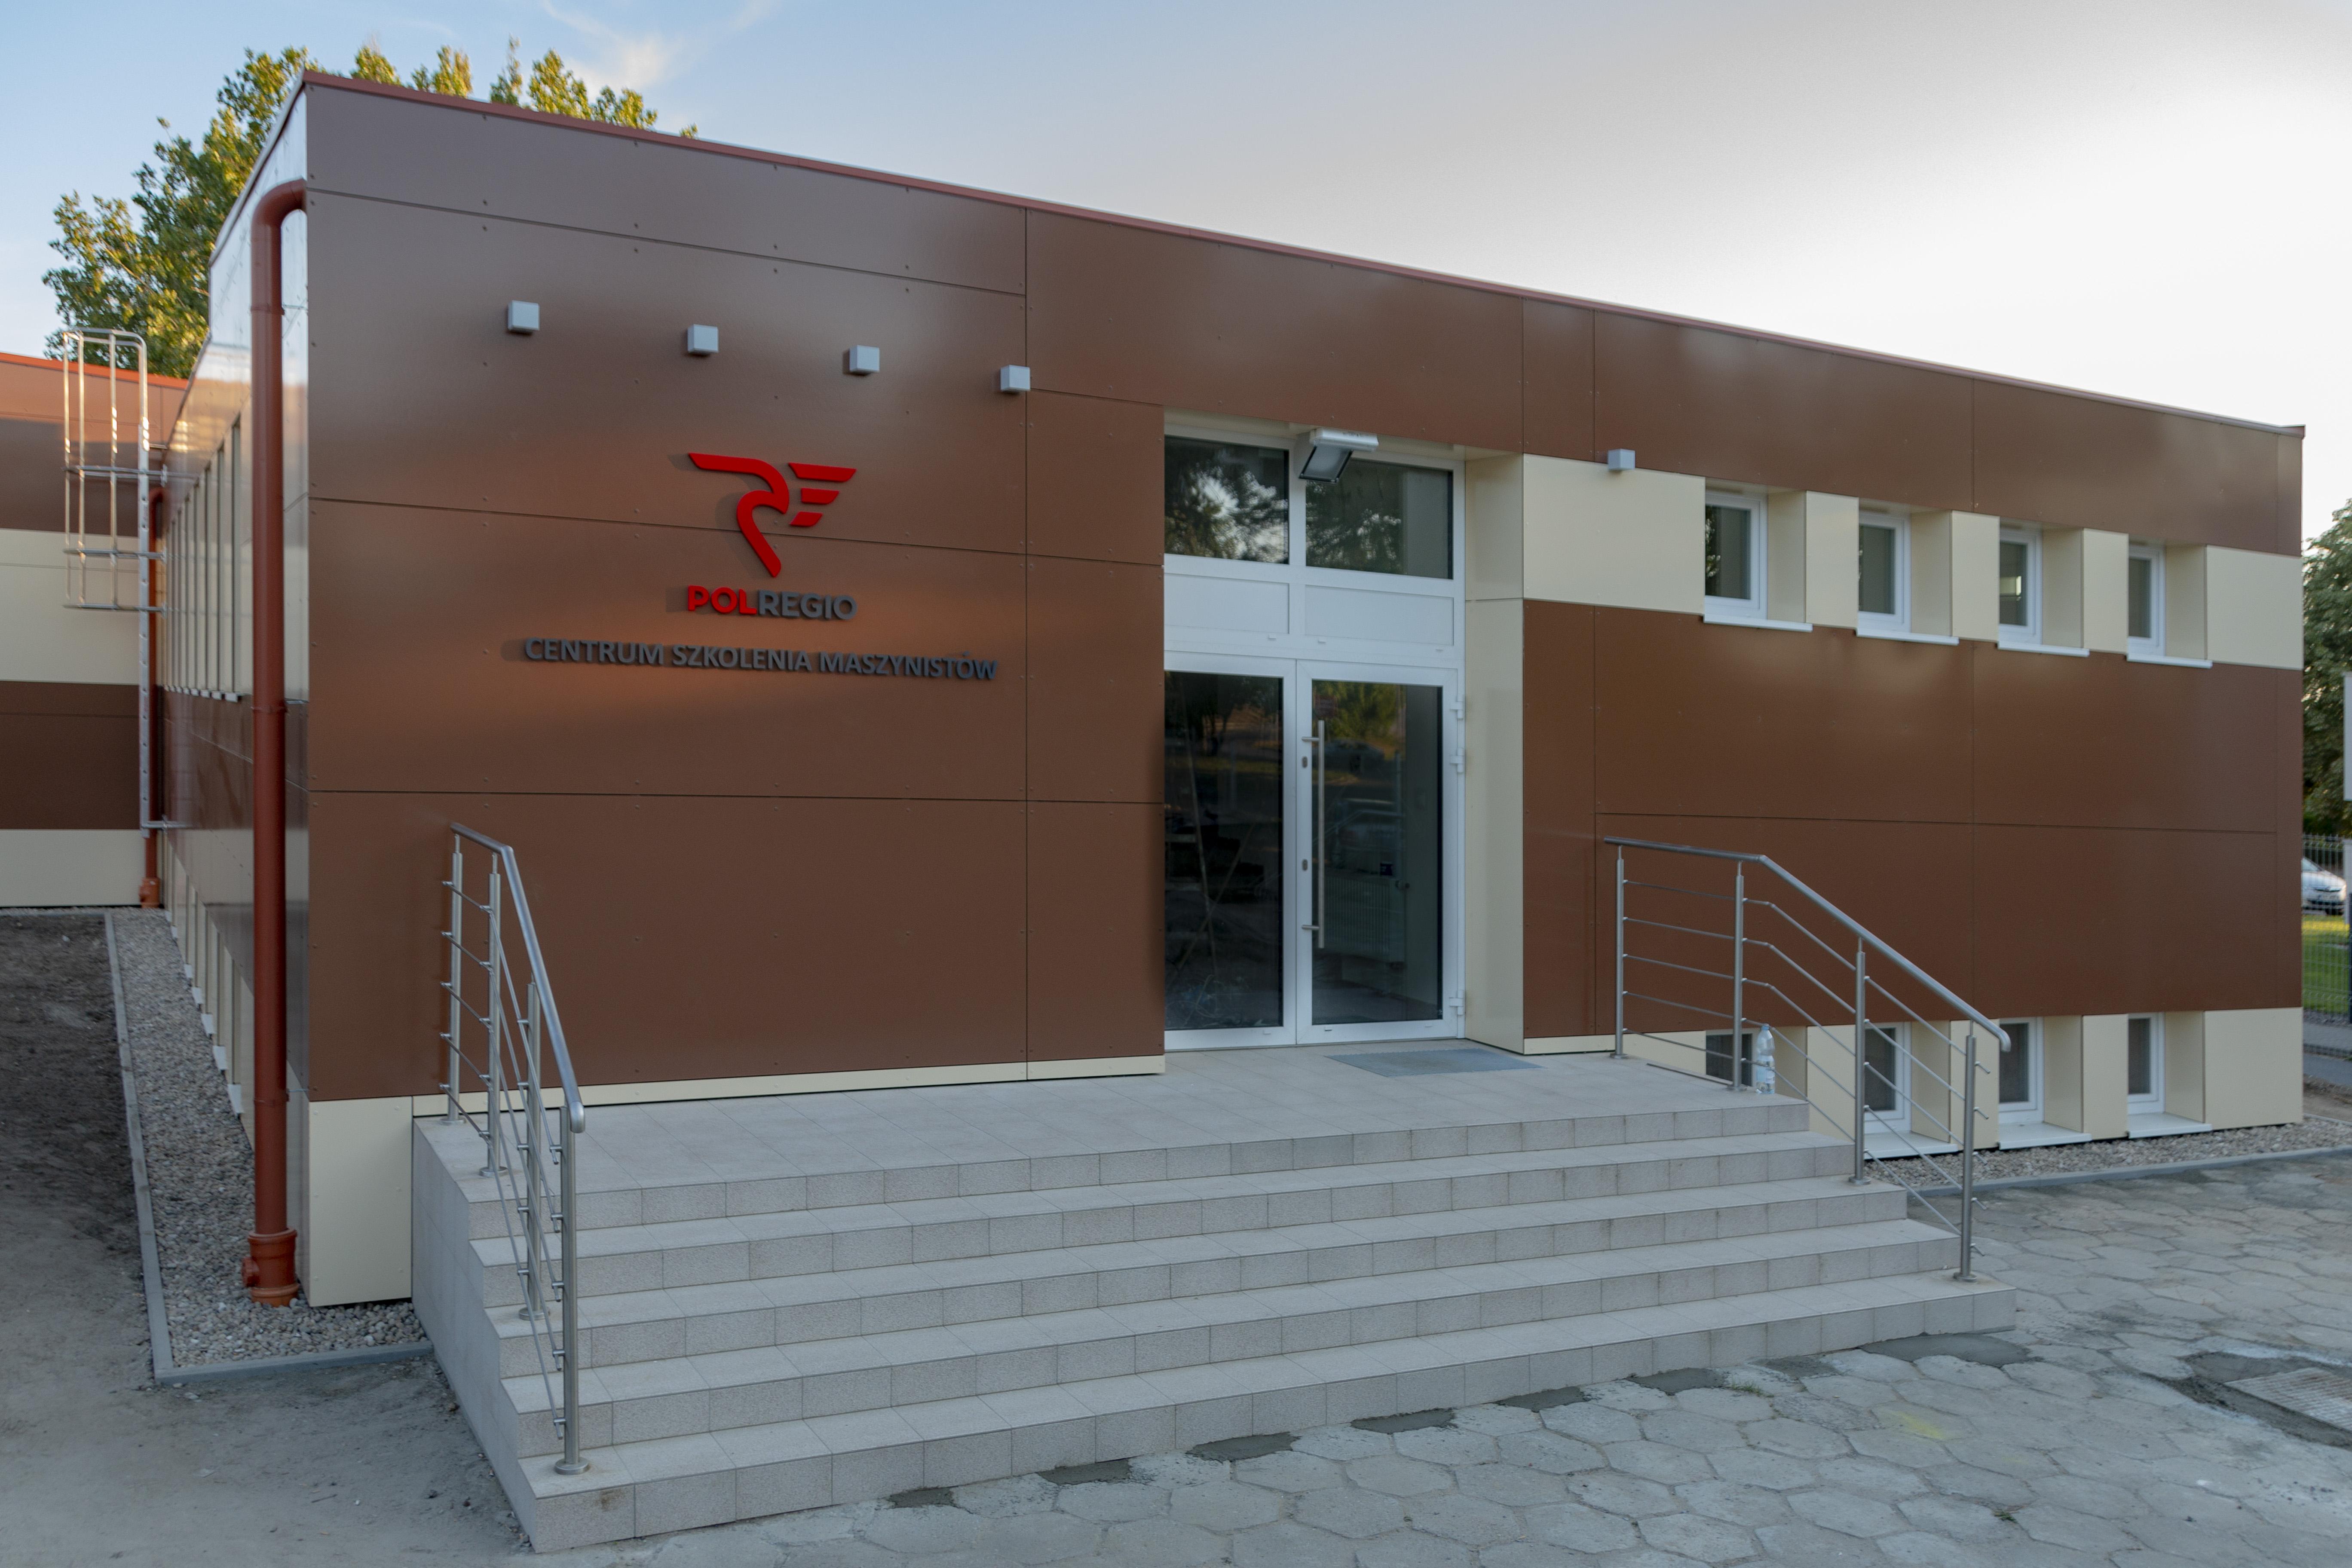 Nowości od POLREGIO. Centrum Szkolenia Maszynistów w Szczecinie wraz z symulatorem Impulsa II